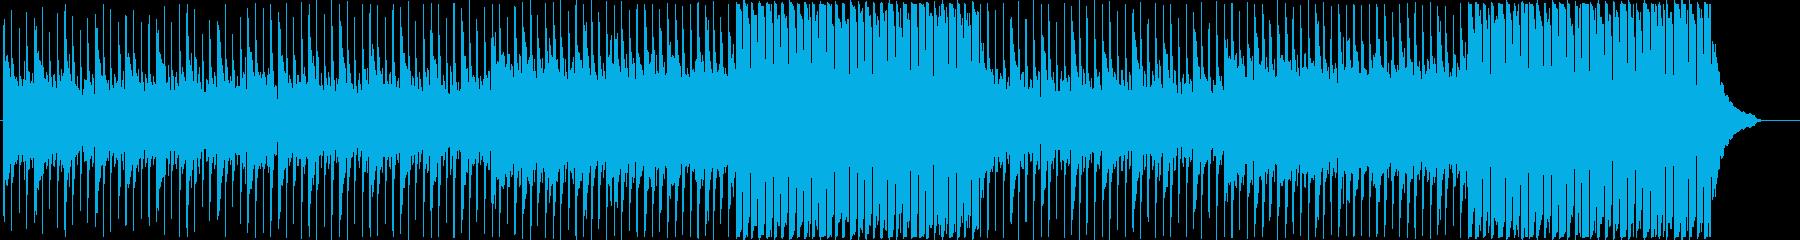 企業VPに ドキドキわくわくなバイオリンの再生済みの波形